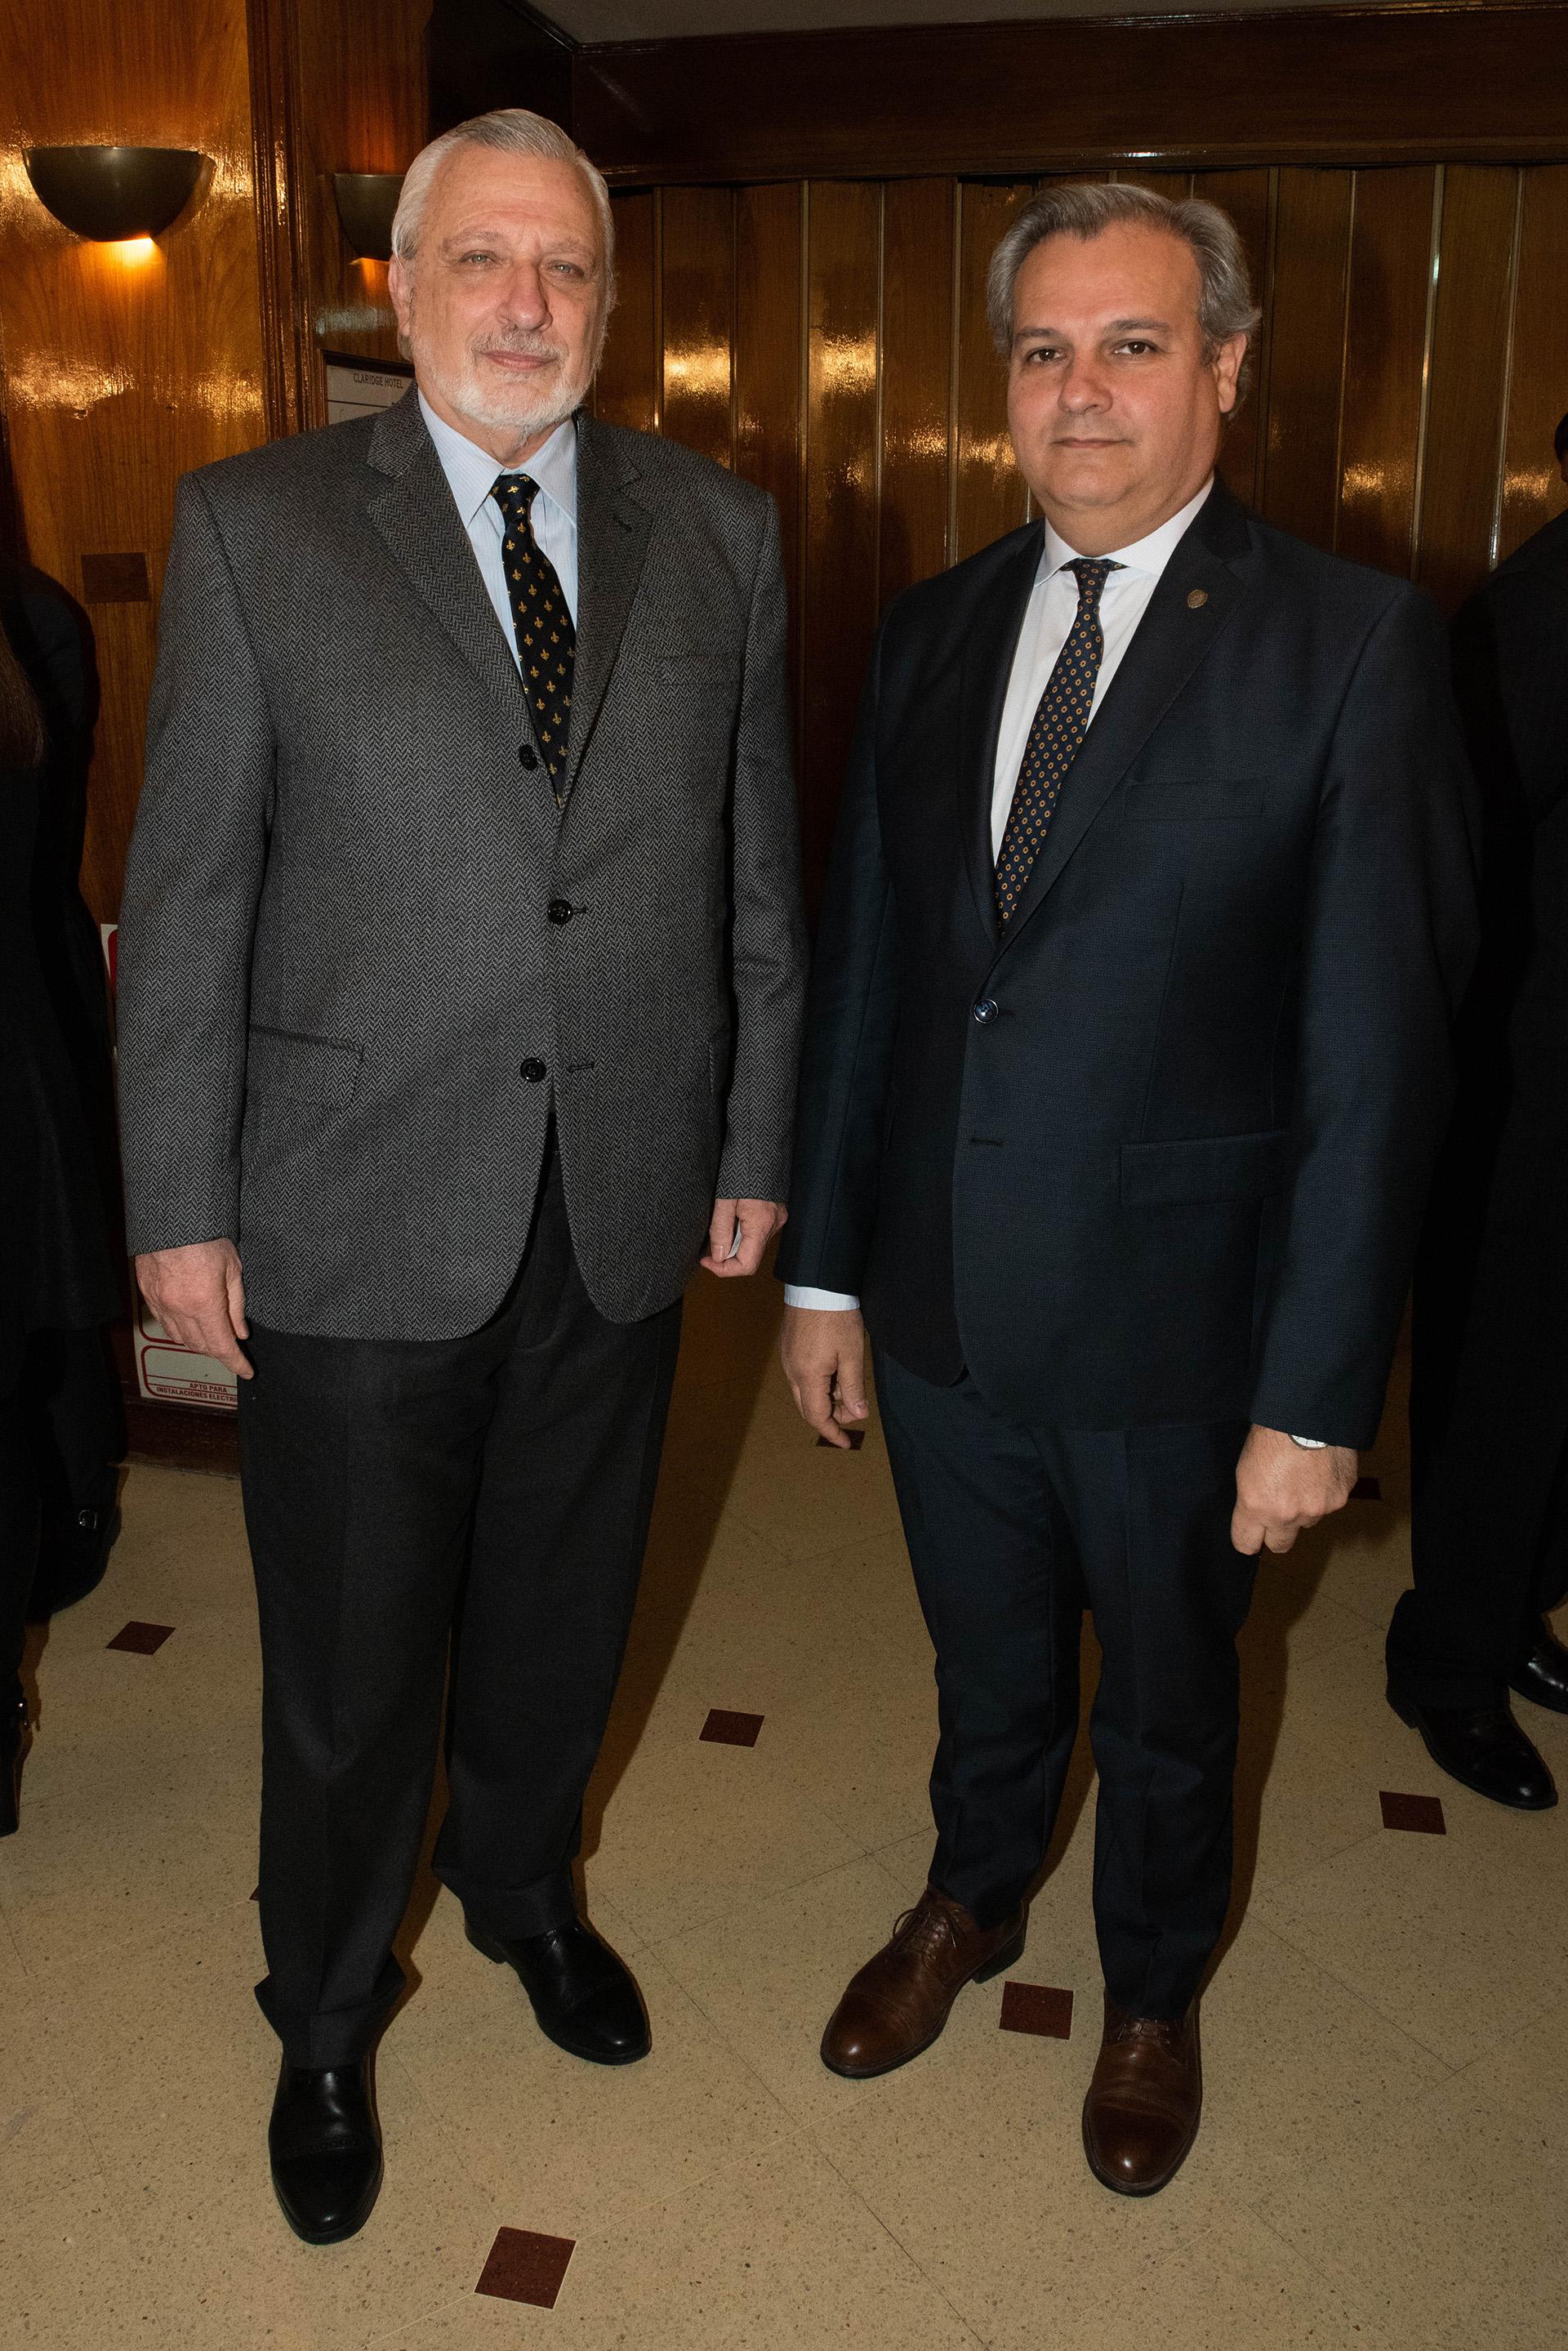 Ricardo Silberstein y Pablo Farías, ministros de Justicia yde Gobierno y Reforma del Estado de Santa Fe, respectivamente